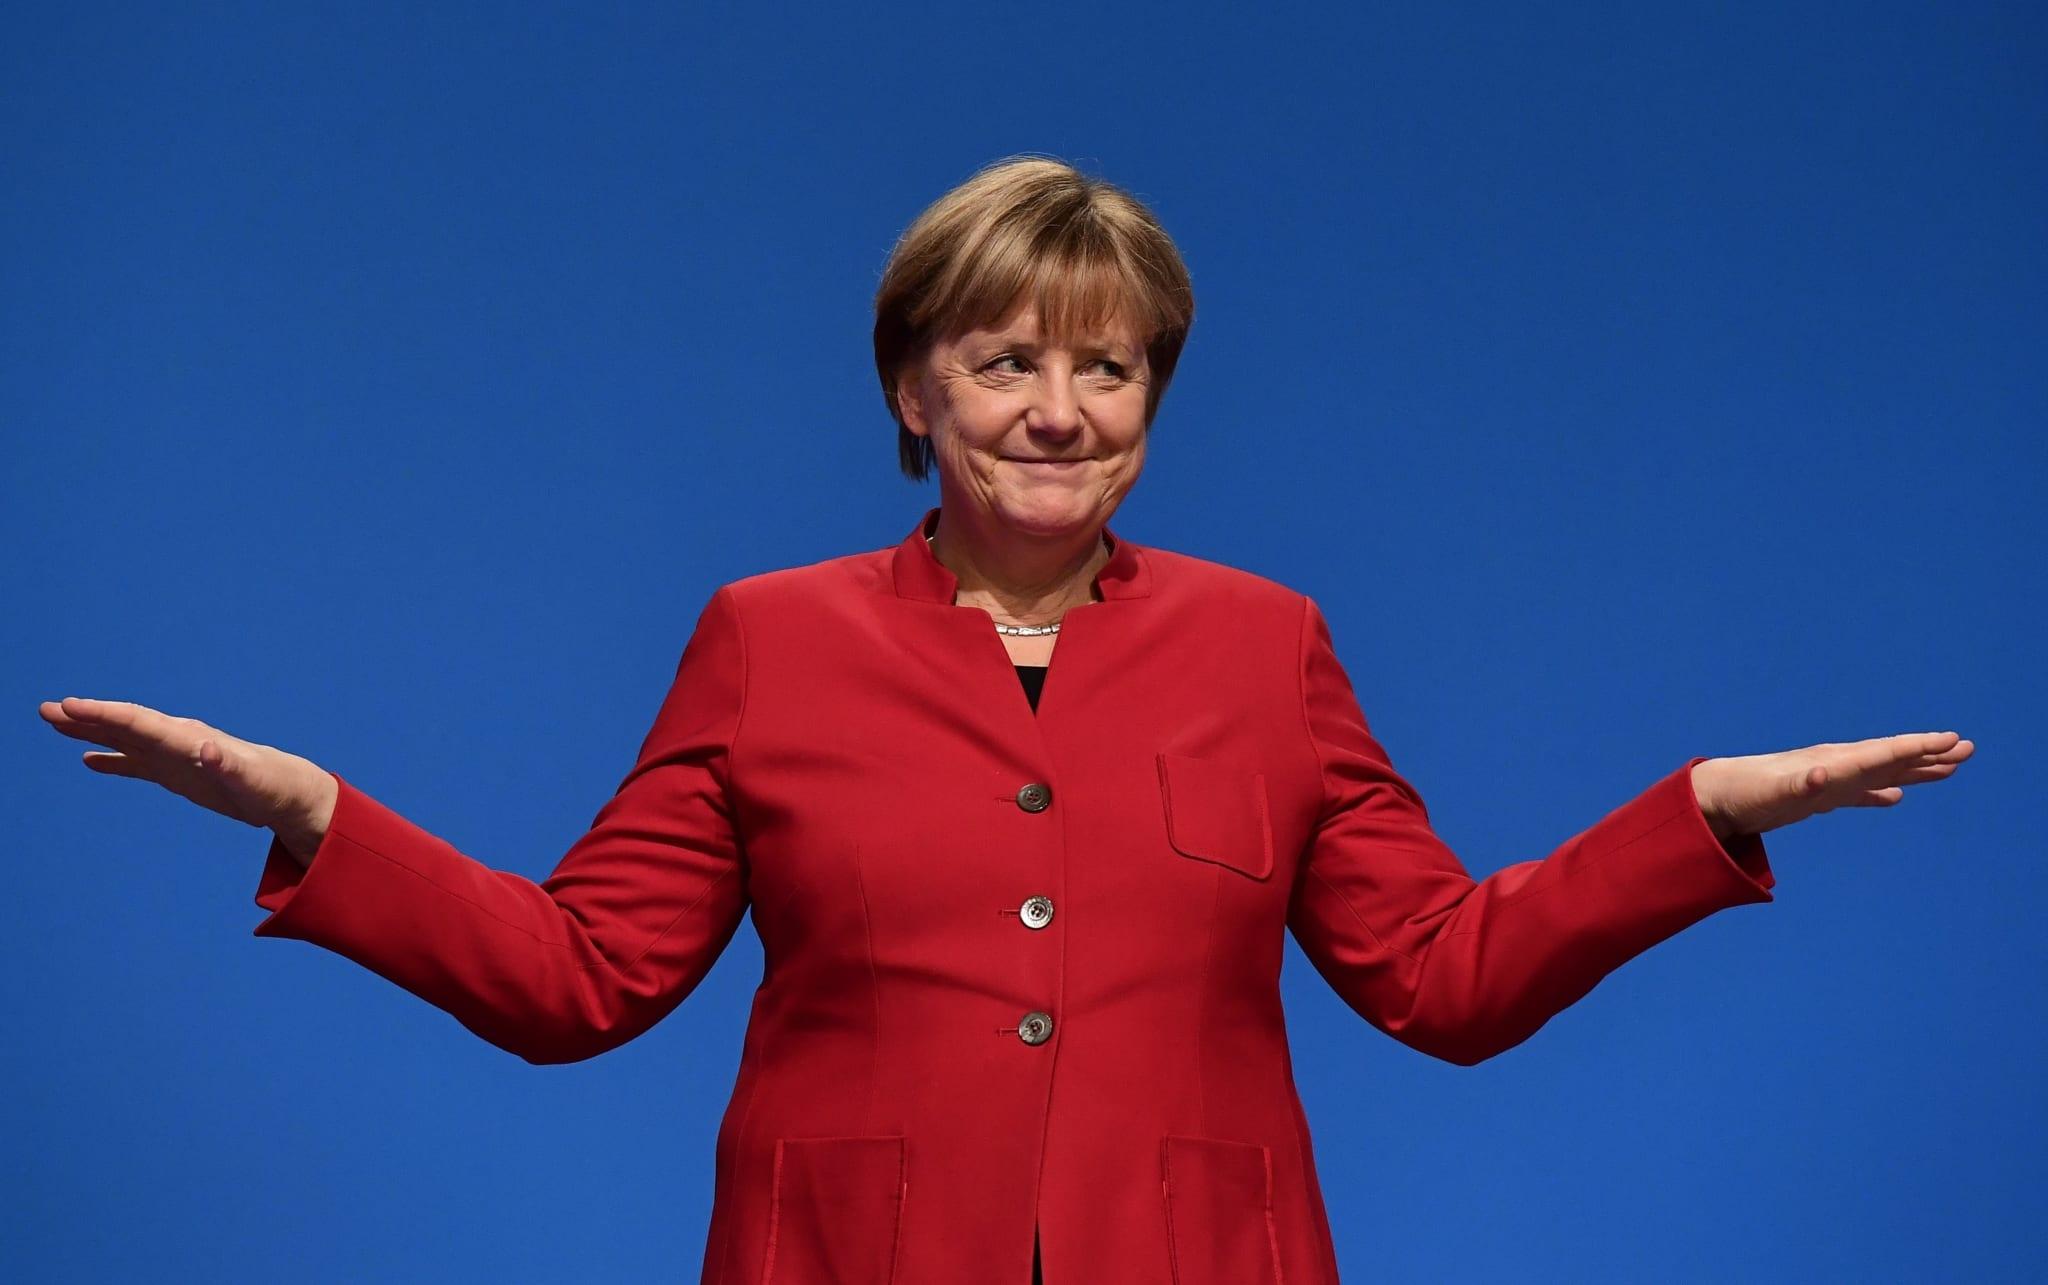 Image German Chancellor Angela Merkel [AFP / TOBIAS SCHWARZ]